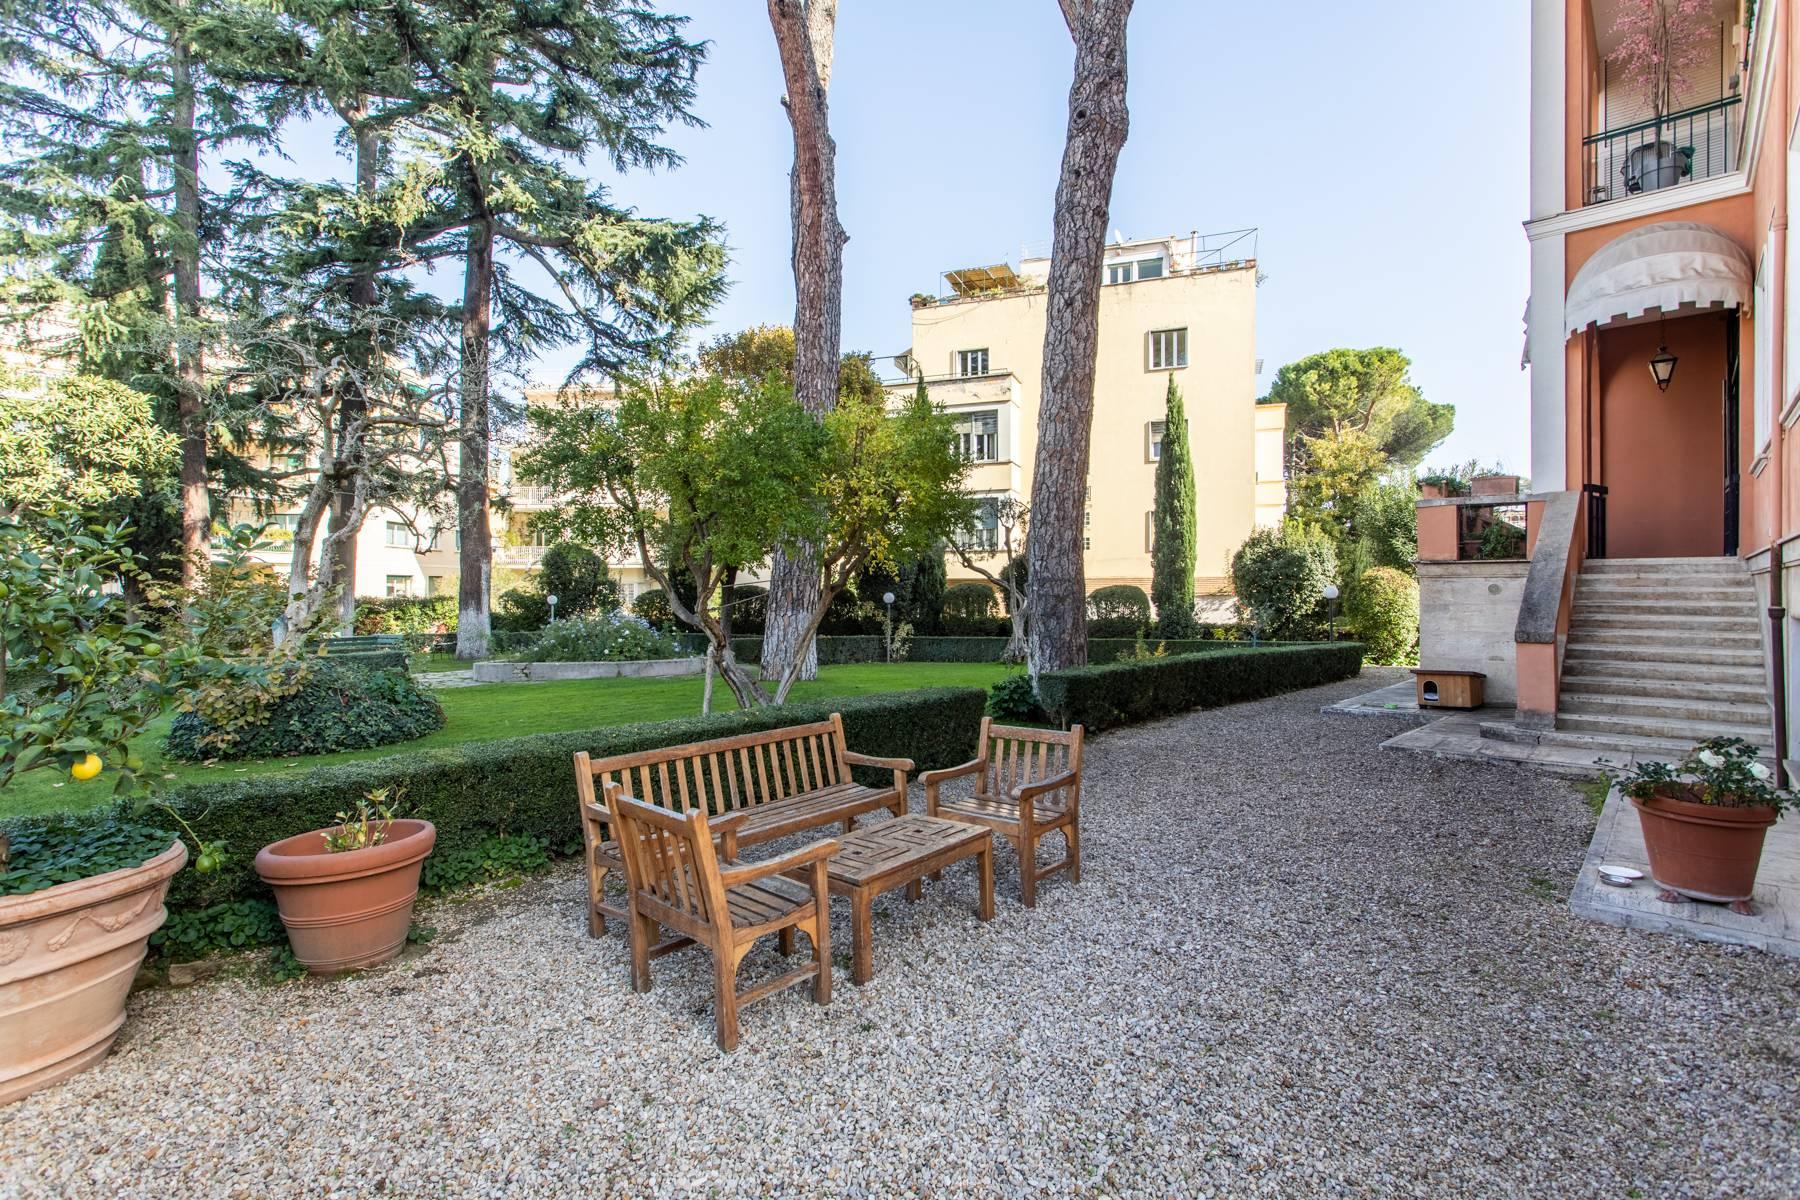 Appartement élégant avec vue sur le jardin - 21